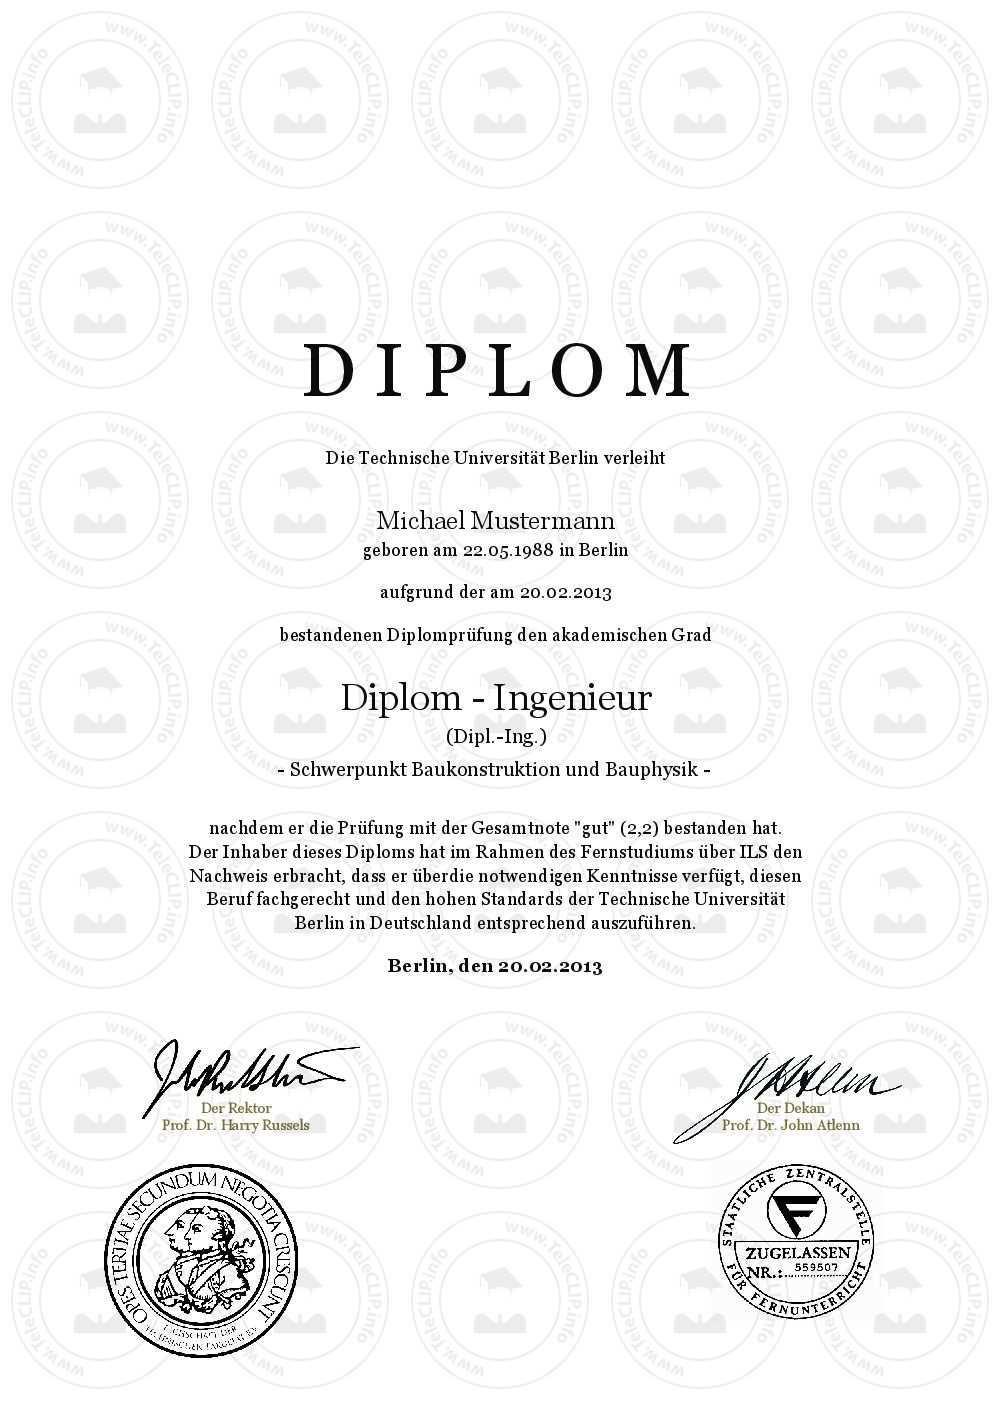 Diplome Kaufen Diplom Diploma In Die Rangliste 12 Besten Universitaten Der Welt Professionelle Diplom Kaufen Individuelle Bachelor Meisterbrief Urkunde